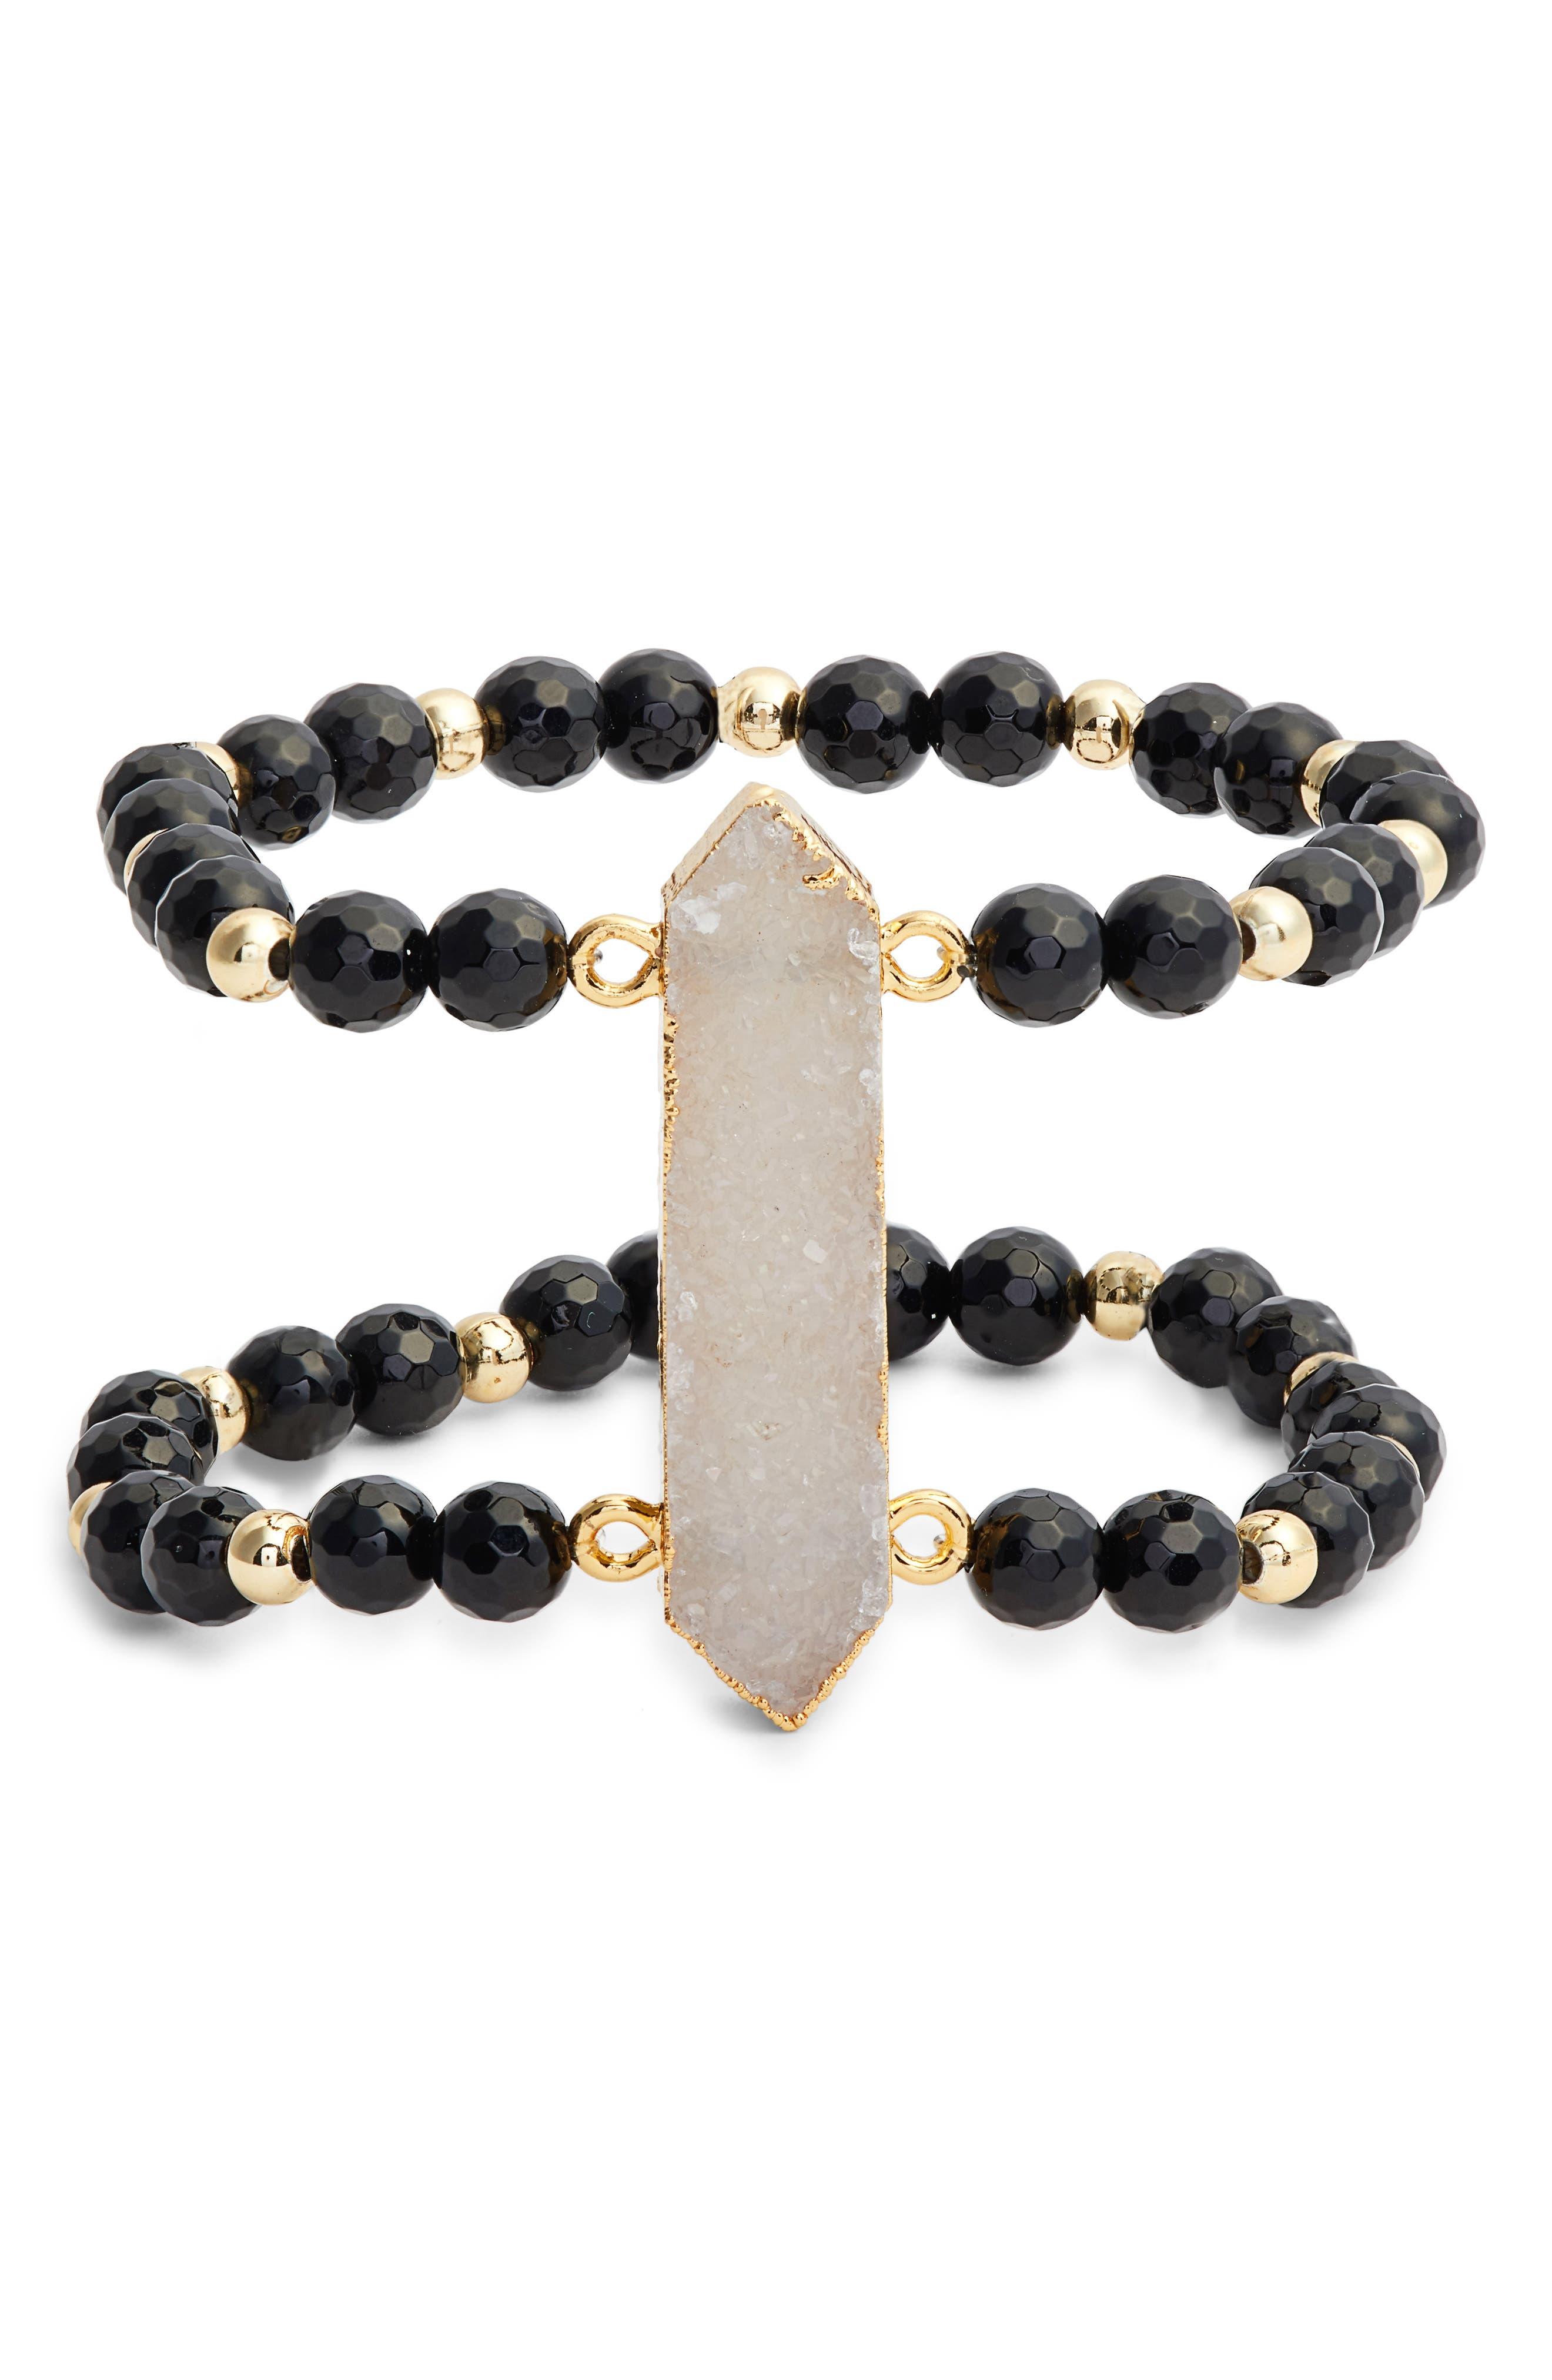 Candice Double Stretch Bracelet,                             Main thumbnail 1, color,                             Black